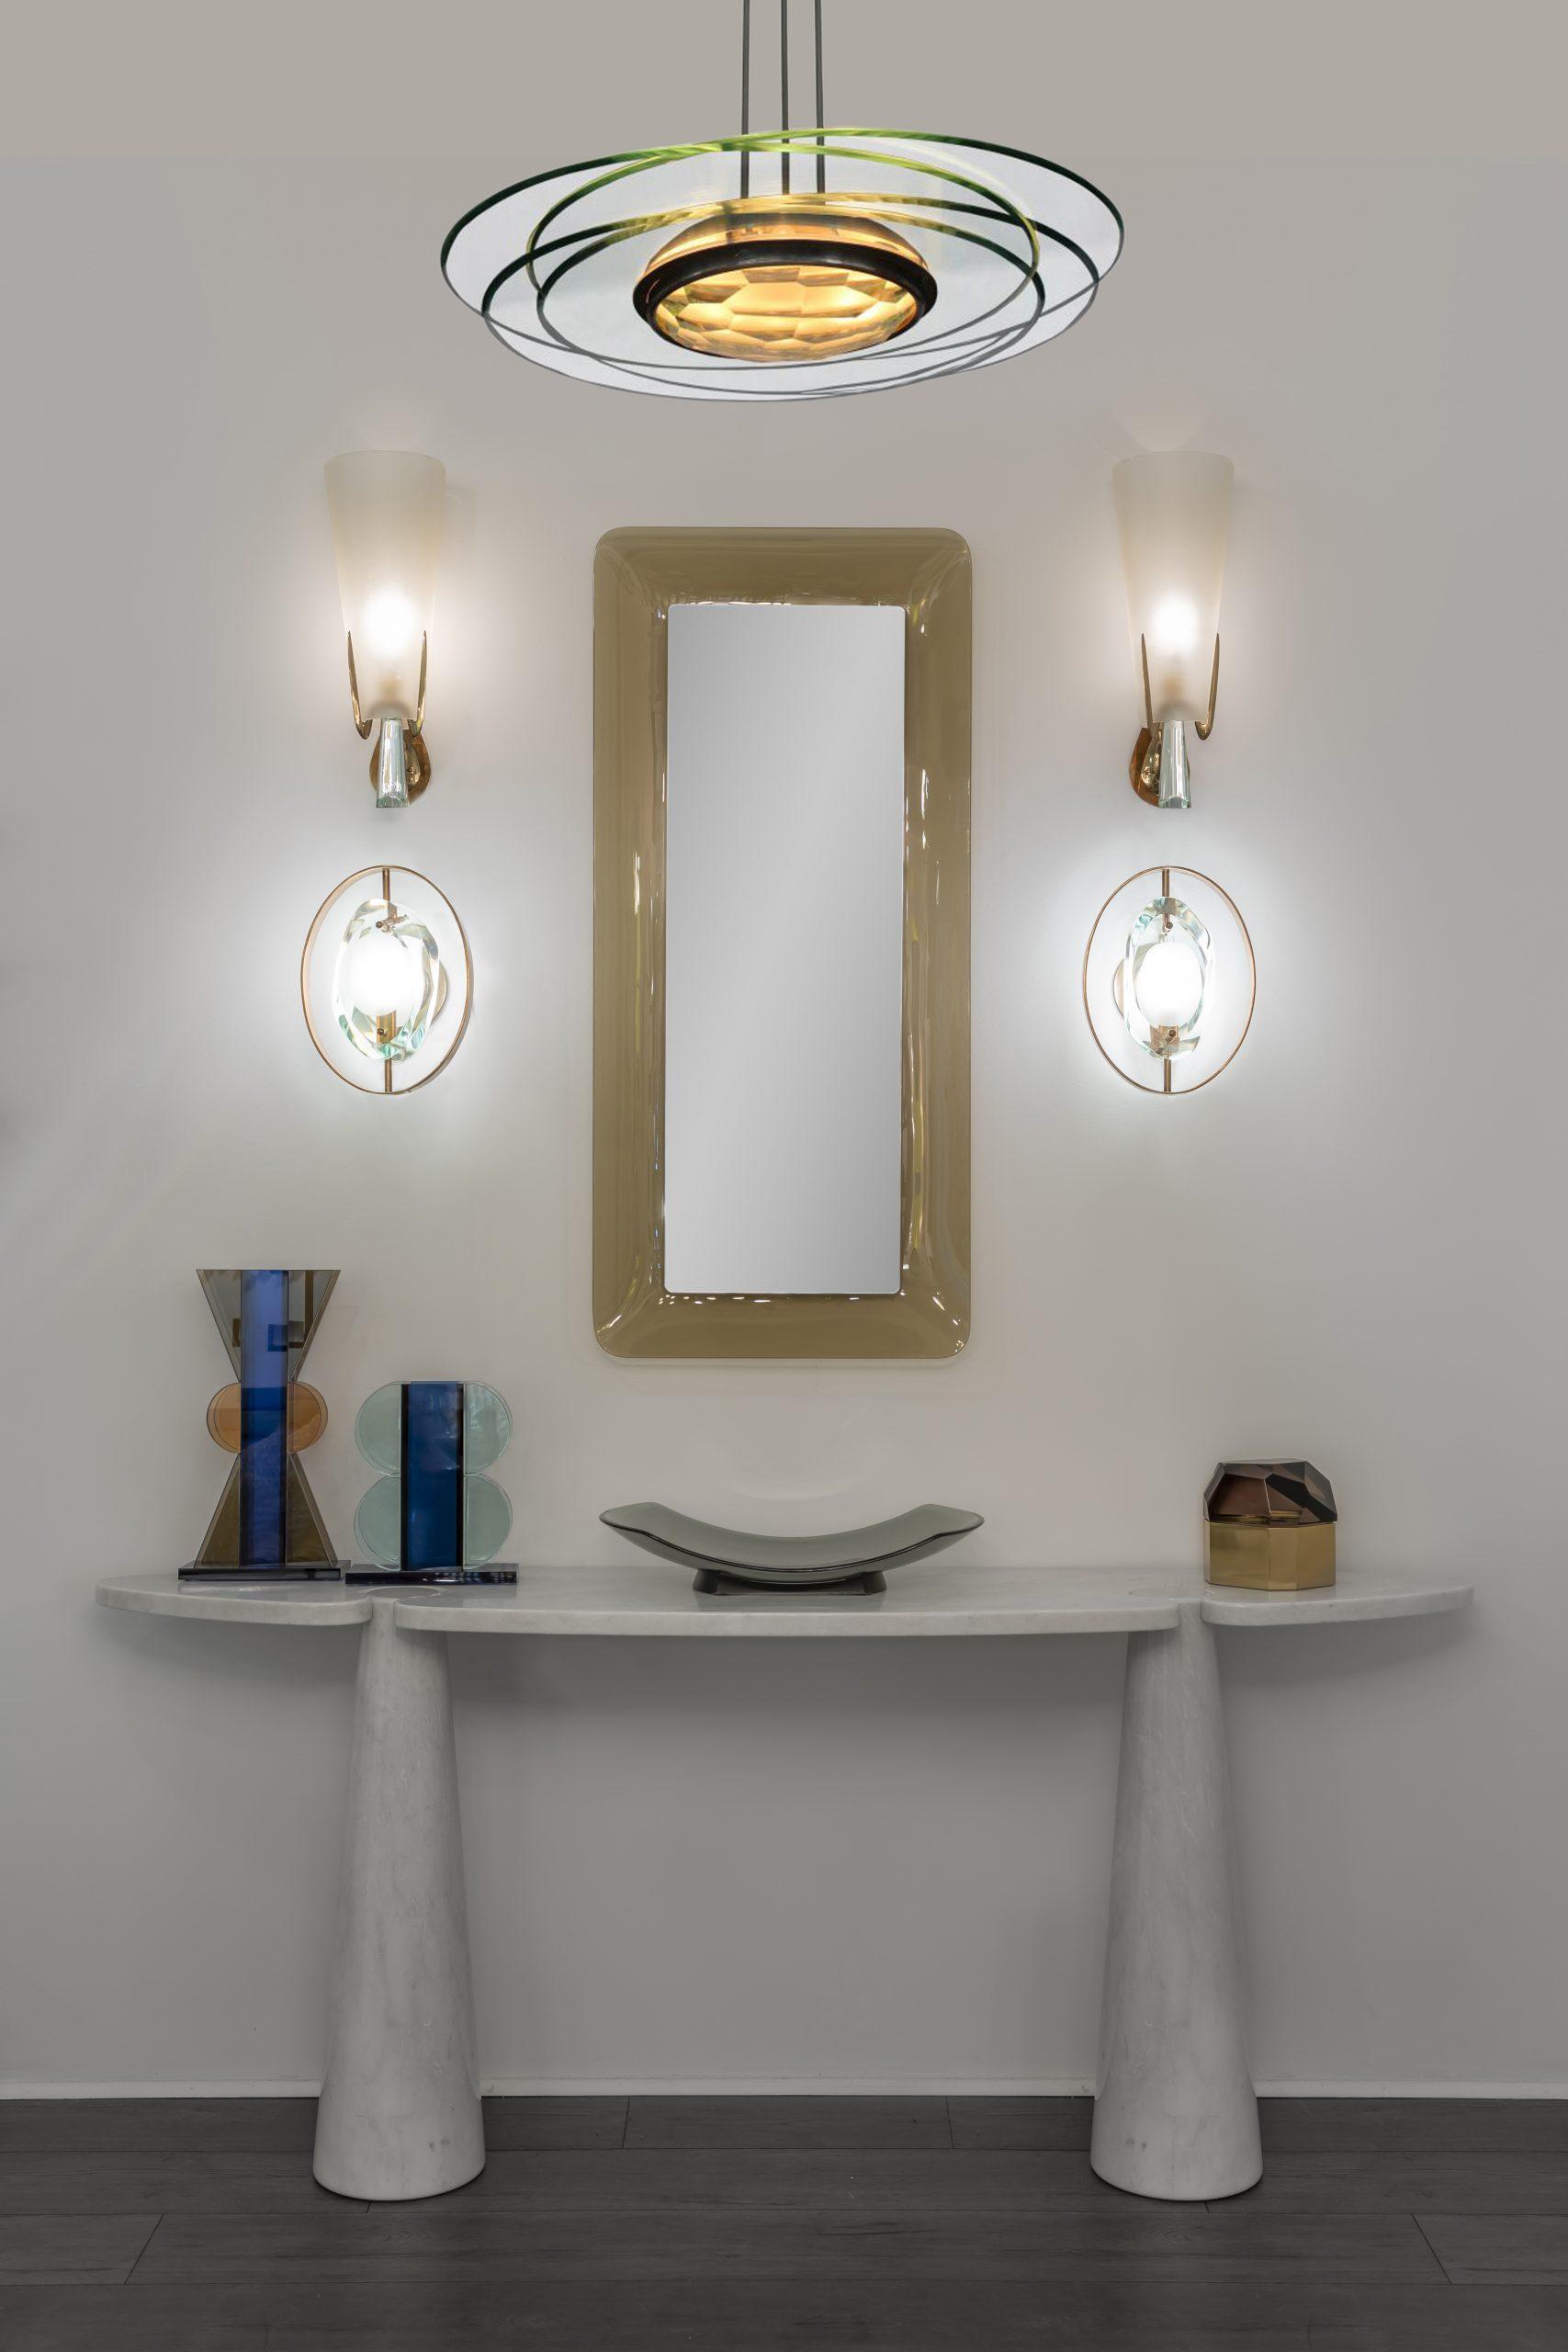 karen console mirror sconces vignette by    soyun k.